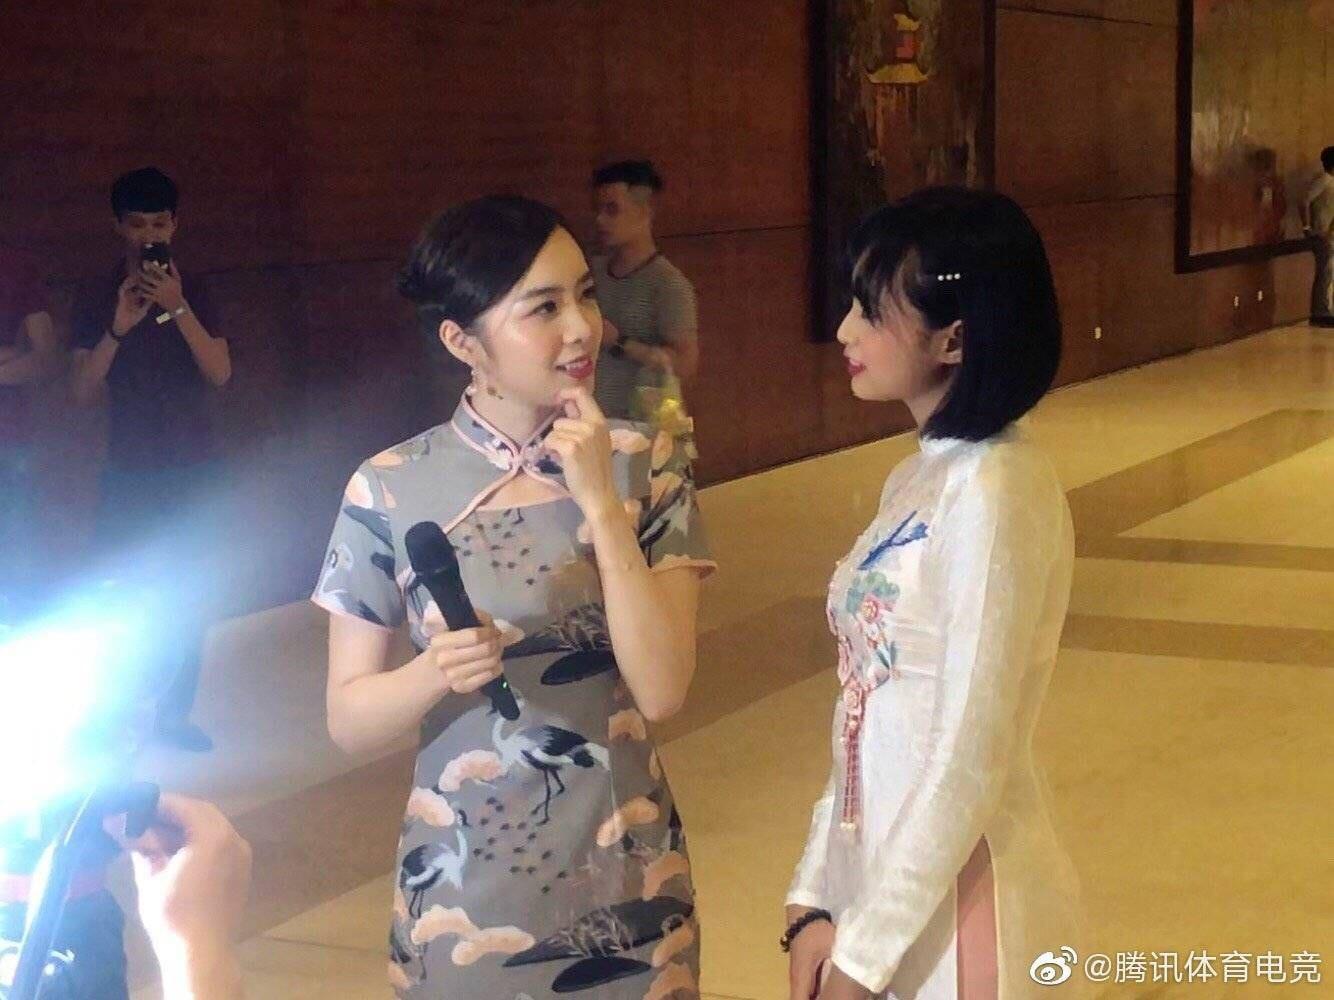 Vận tà áo dài thướt tha, hot MC của làng Liên Minh Huyền Thoại Việt Nam đẹp rạng ngời trong mắt phóng viên nước ngoài - Ảnh 6.